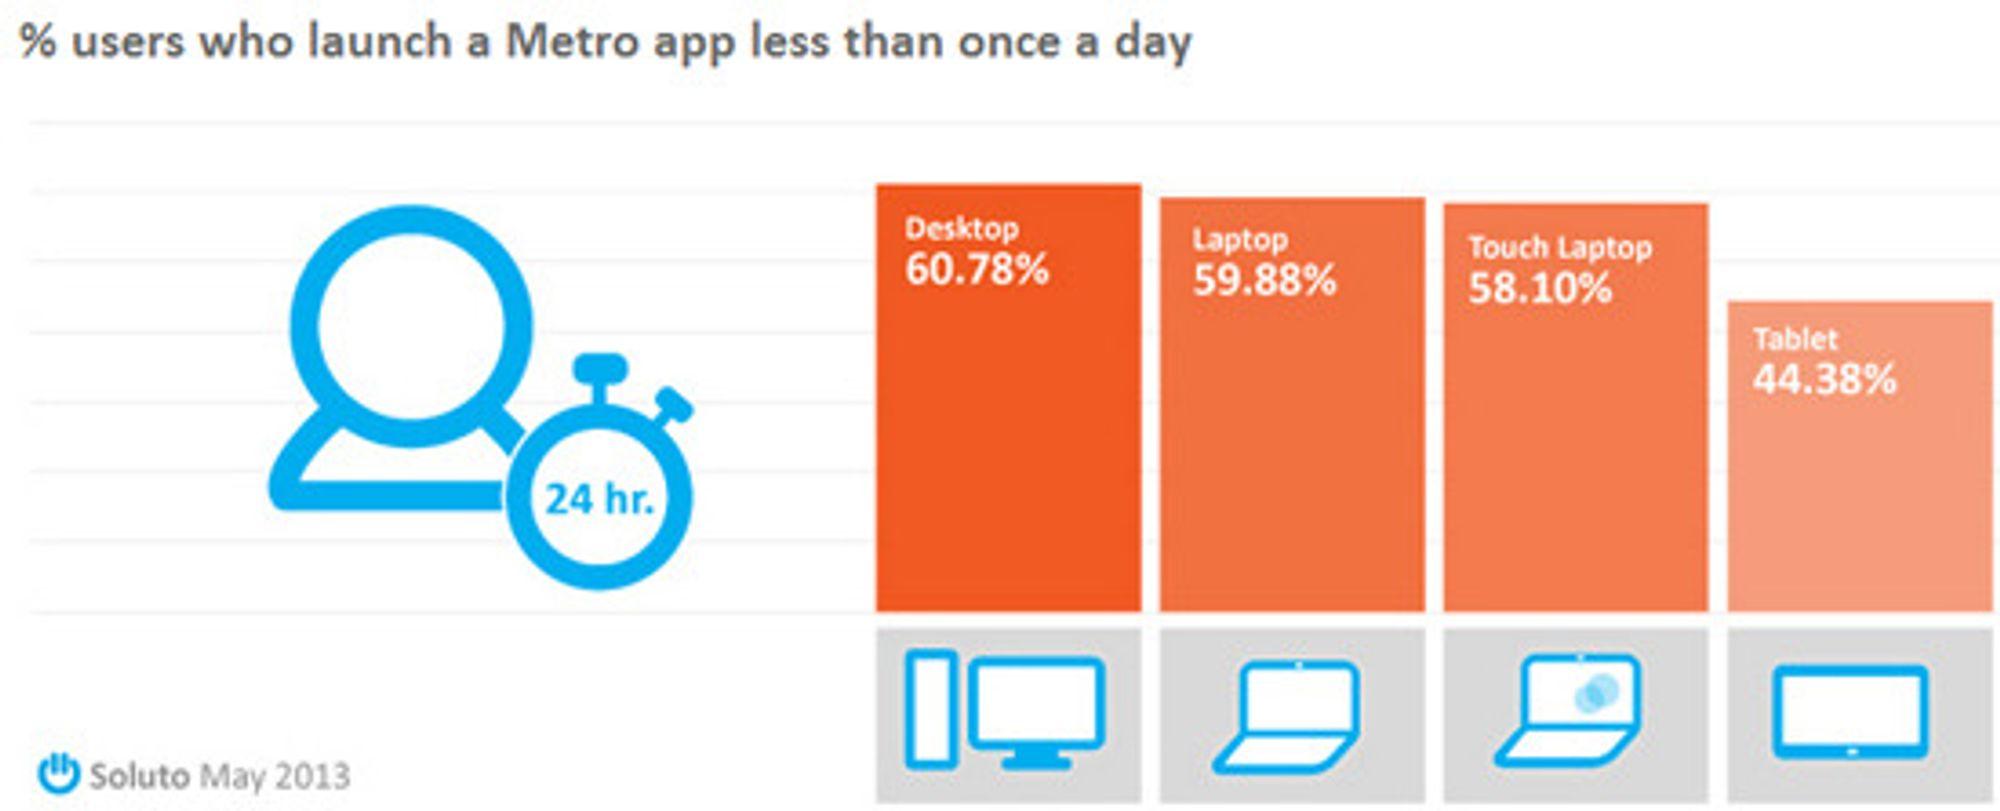 6 av 10 Windows 8-brukere åpner en metro-app sjeldnere enn én gang daglig, ifølge studien.